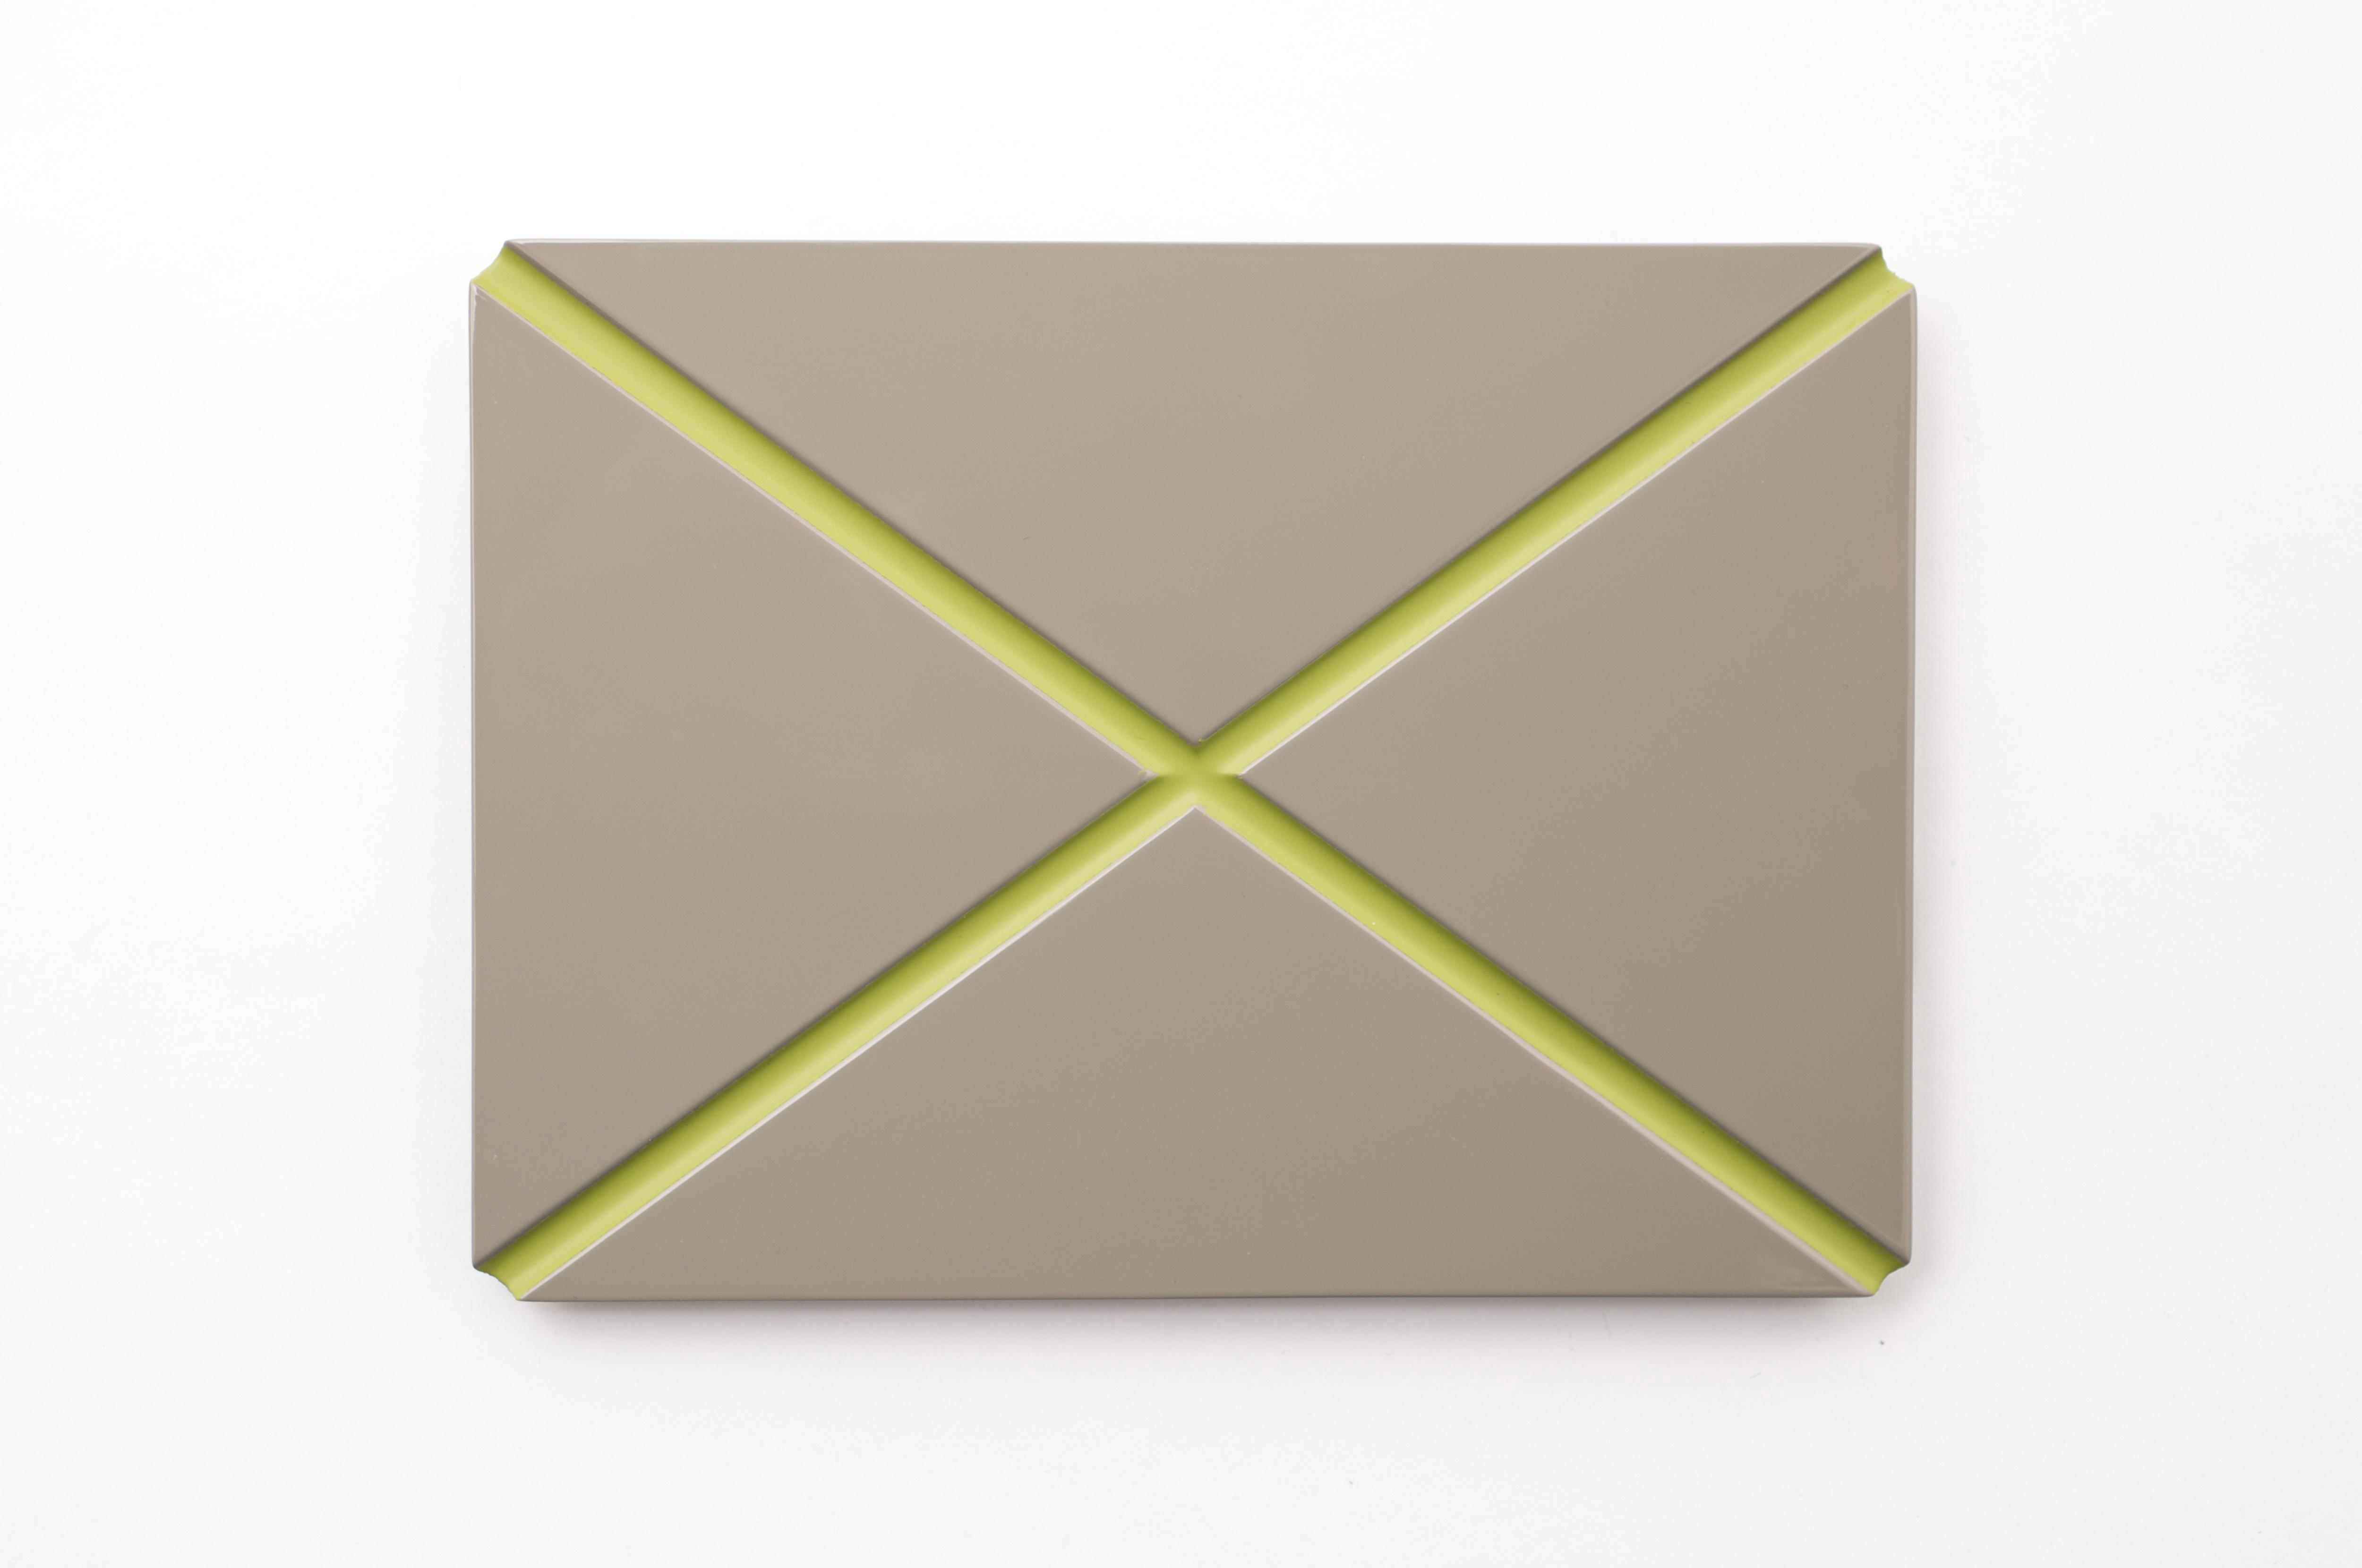 um_signalflagge_03_22x30x2cm